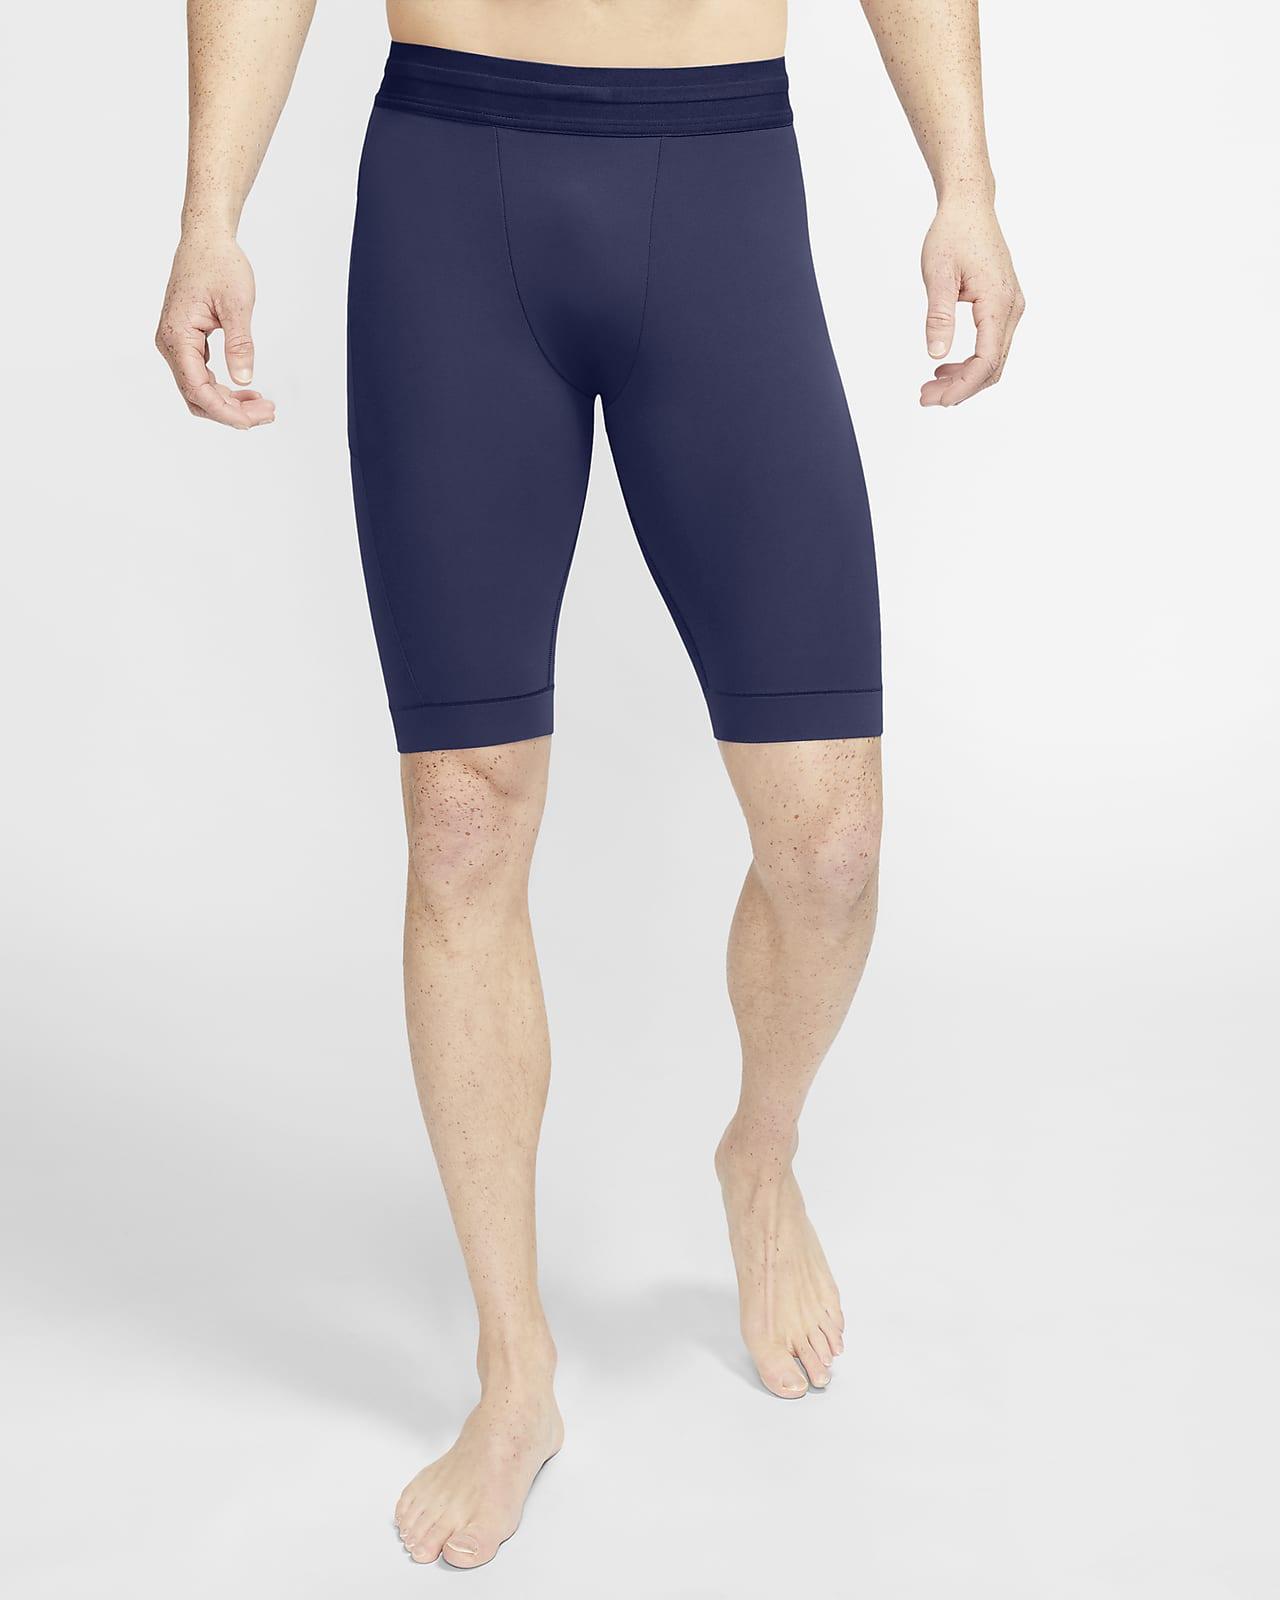 Pánské kraťasy Nike Yoga Dri-FIT z Infinalonu